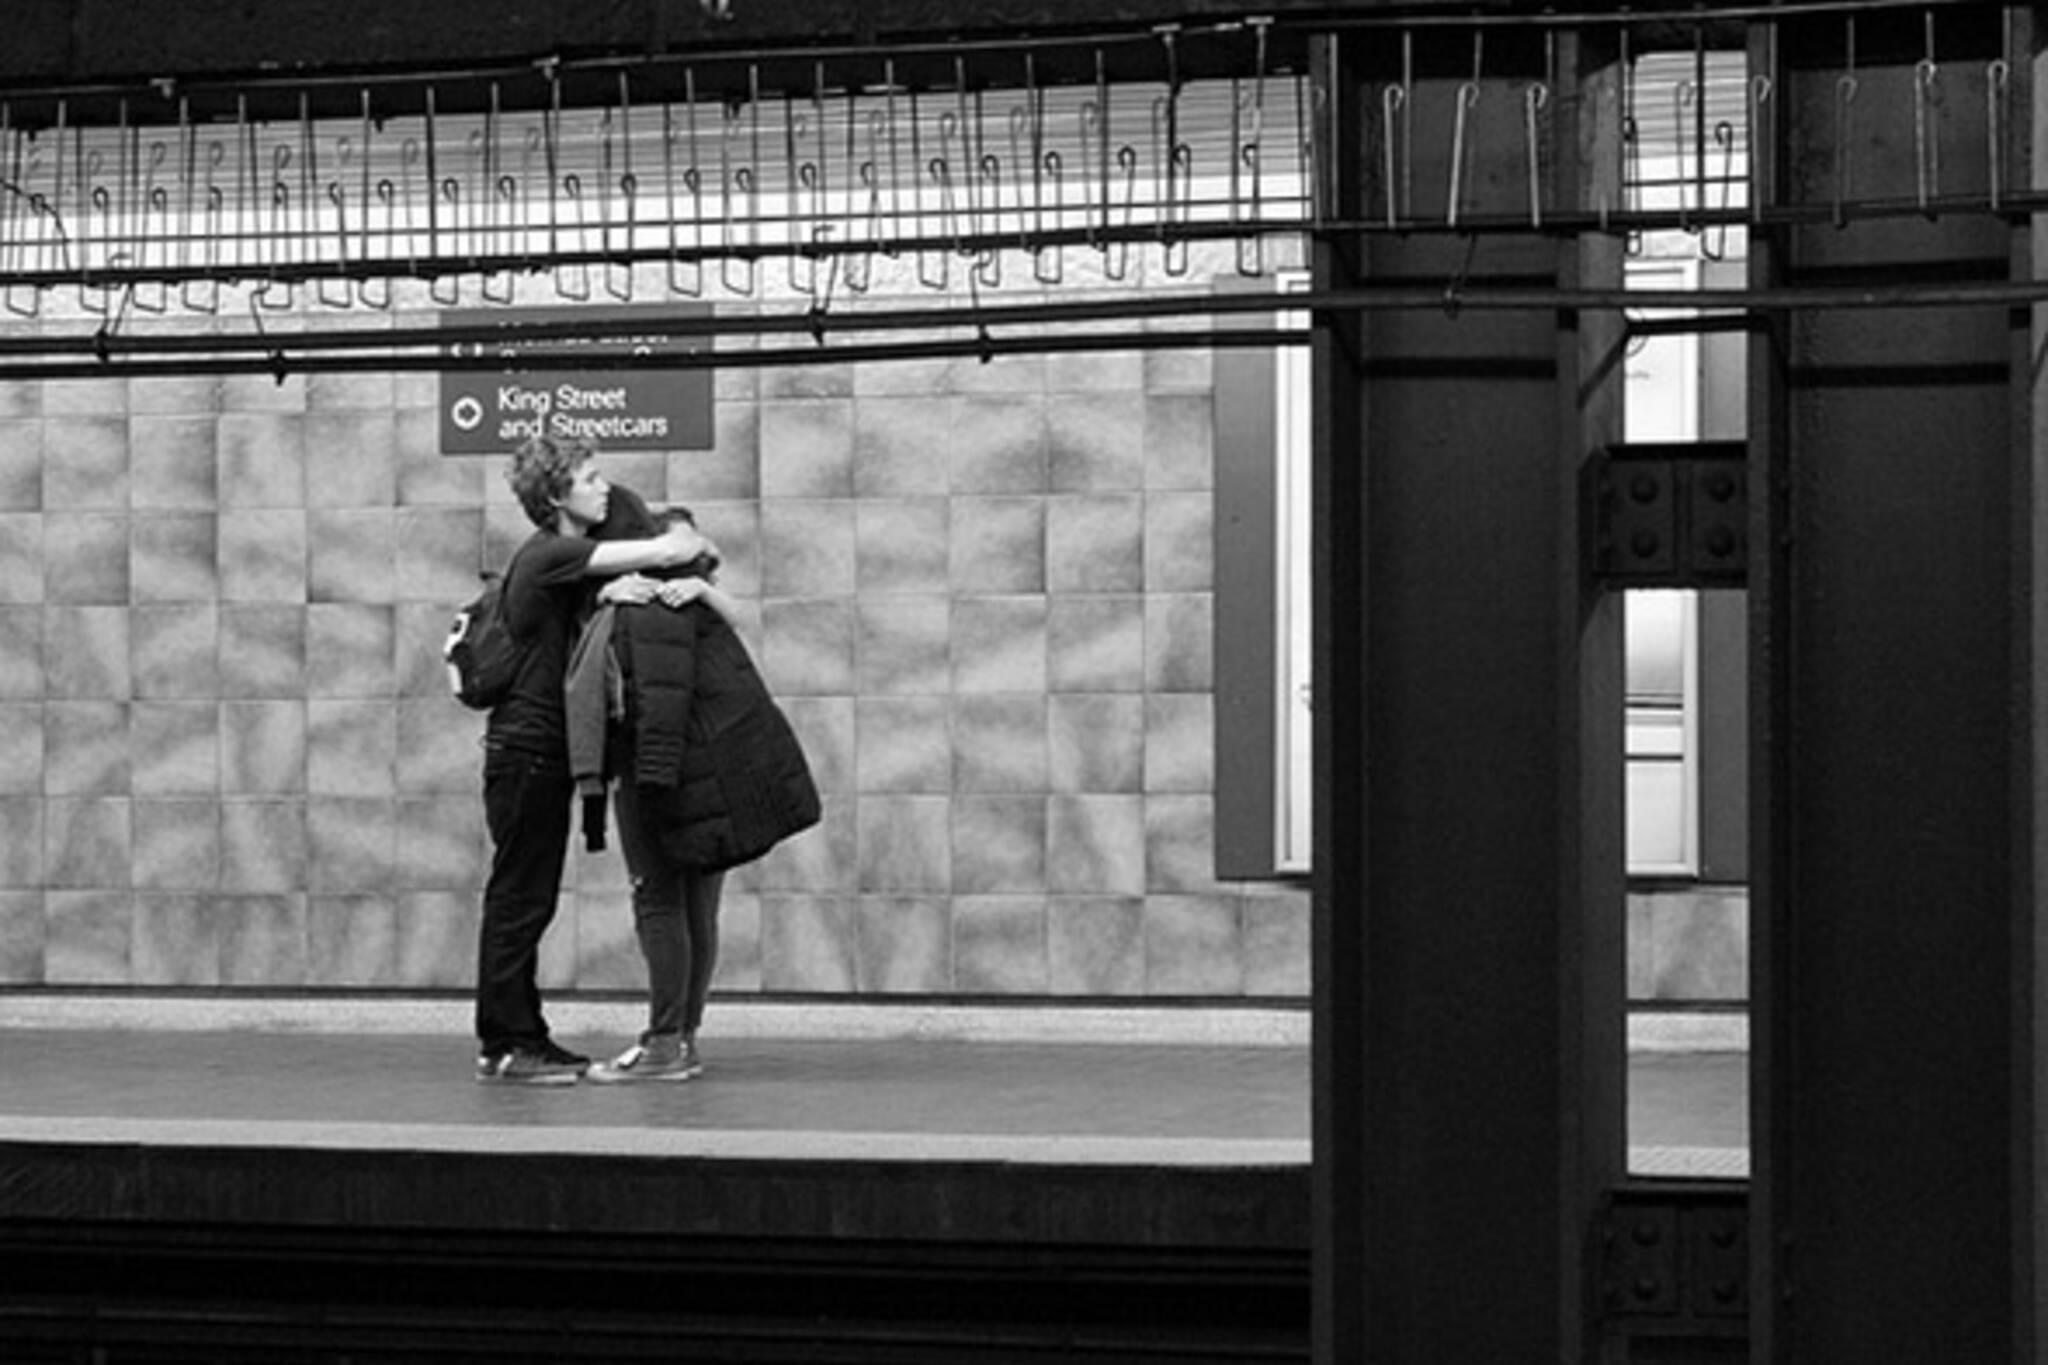 subway, station, hug